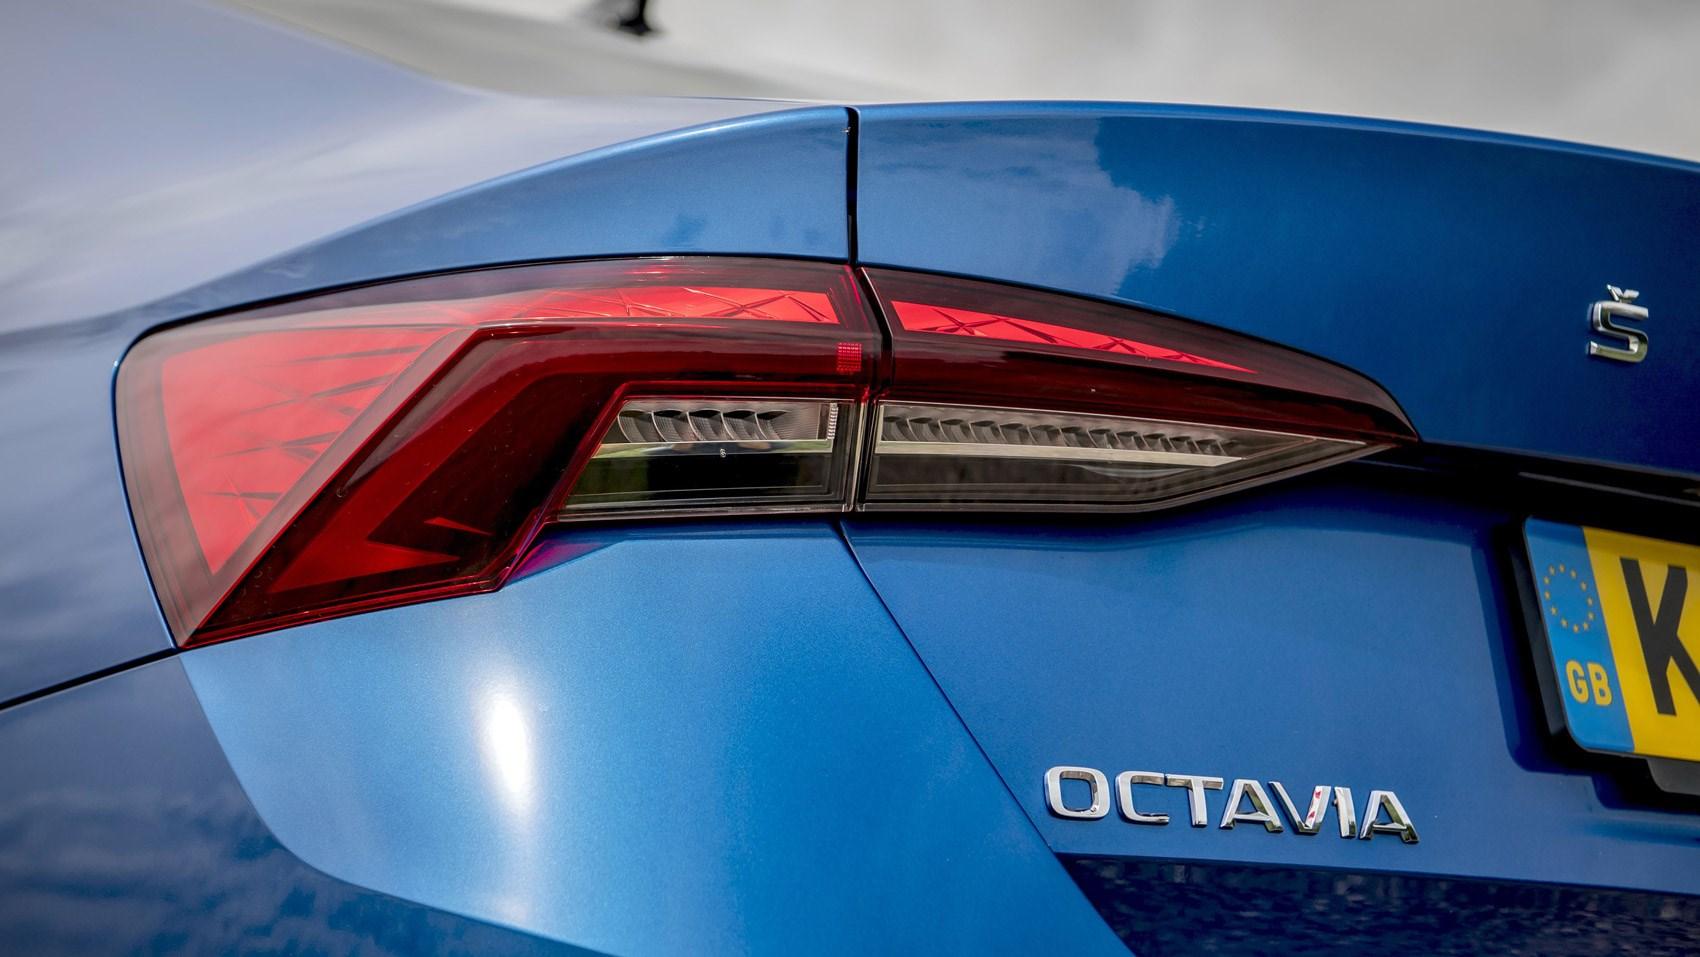 Octavia rear light